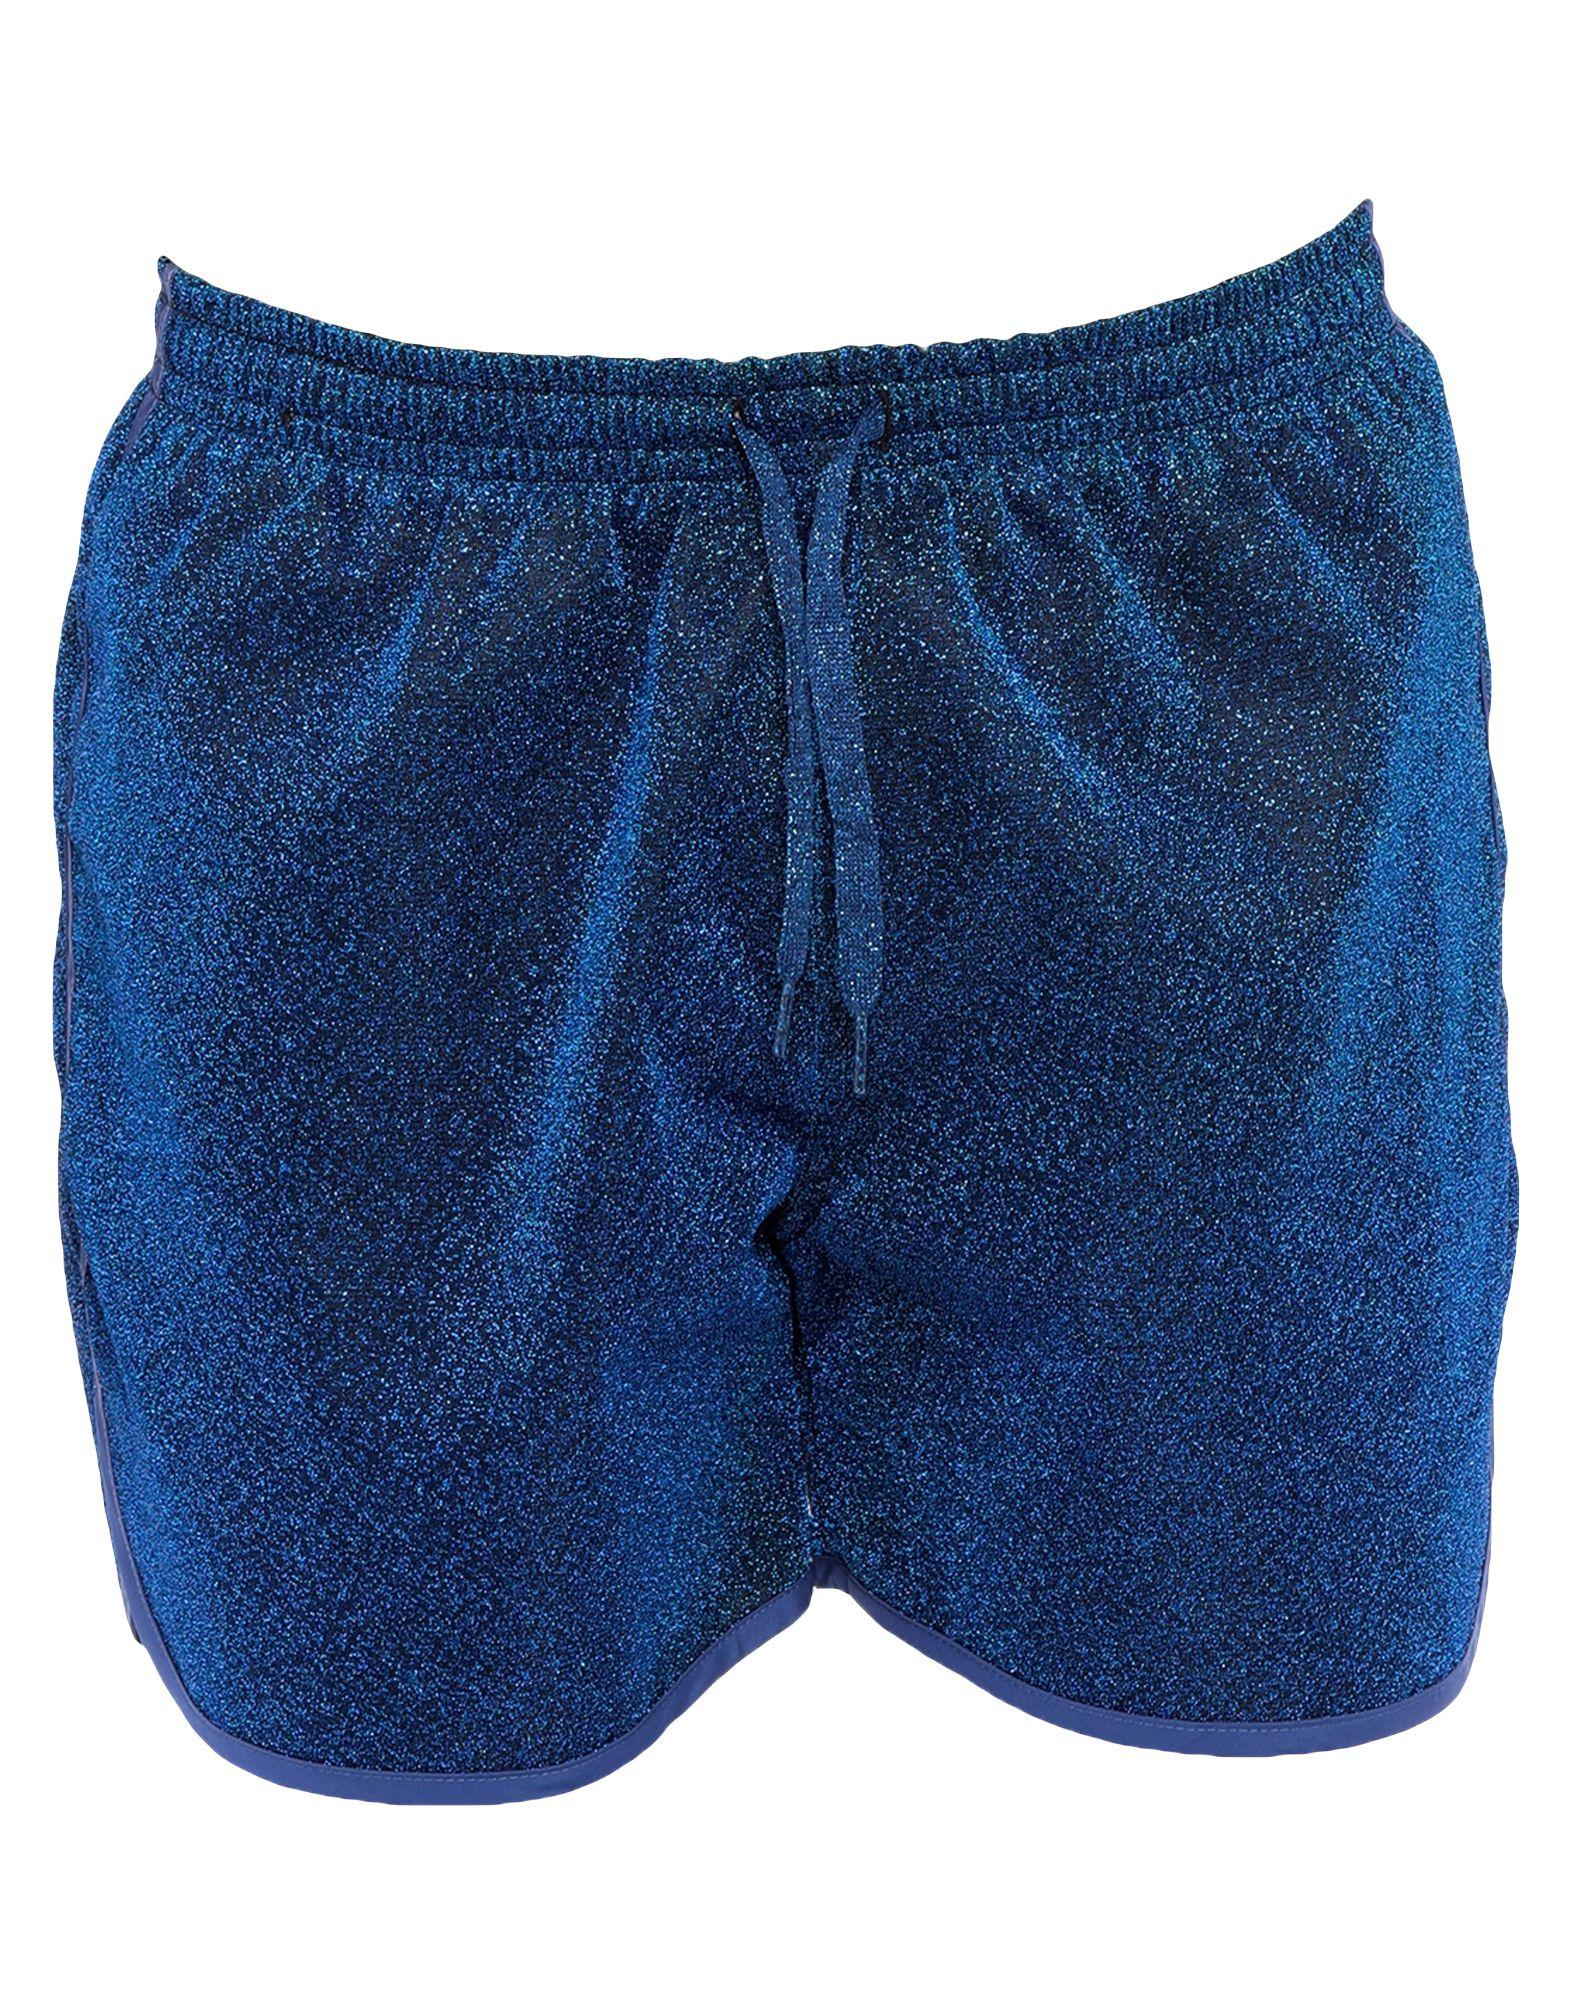 мужские шорты и плавки больших размеров